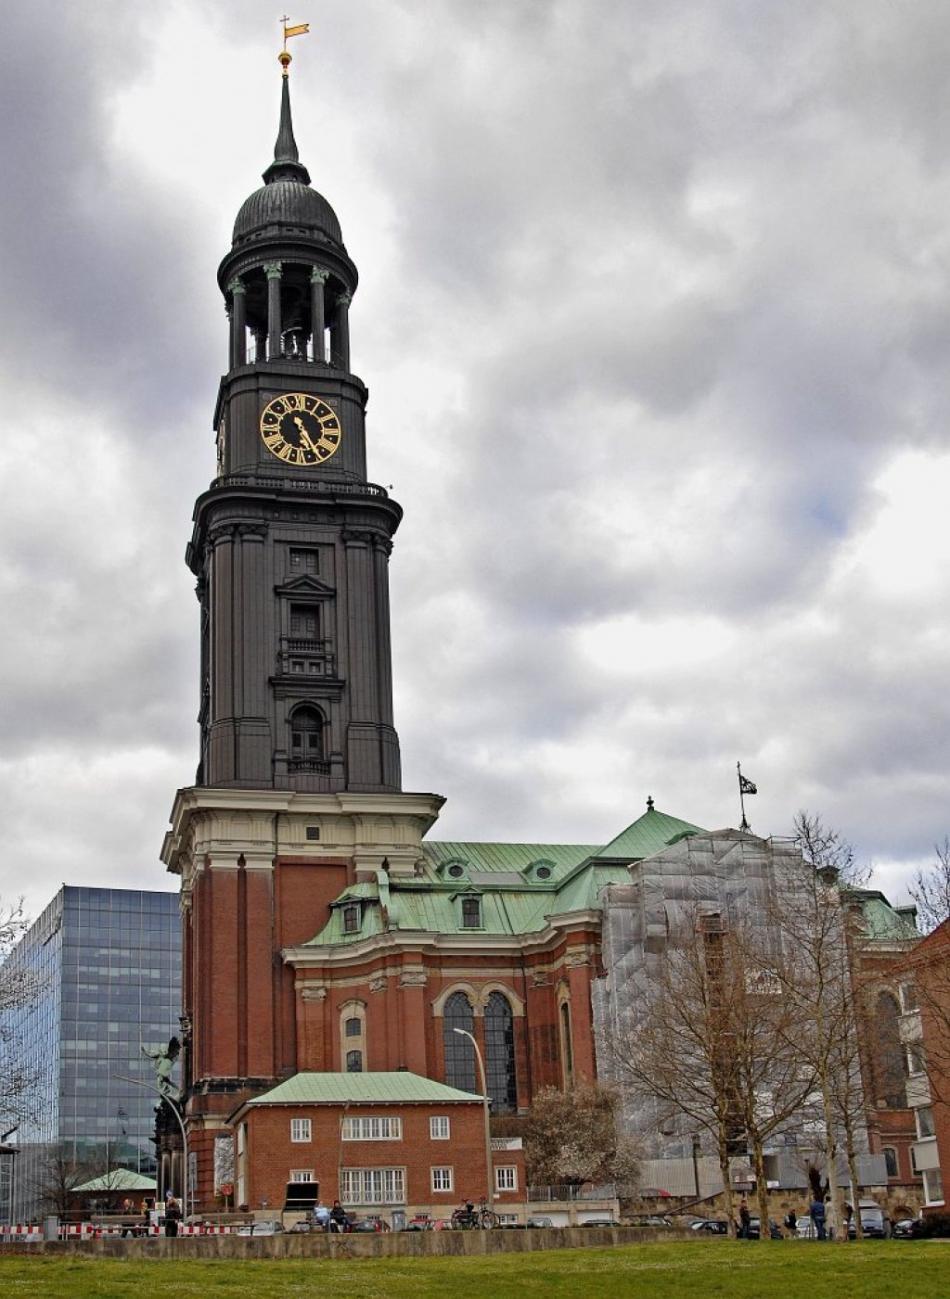 Kościół Św. Michała w Hamburgu